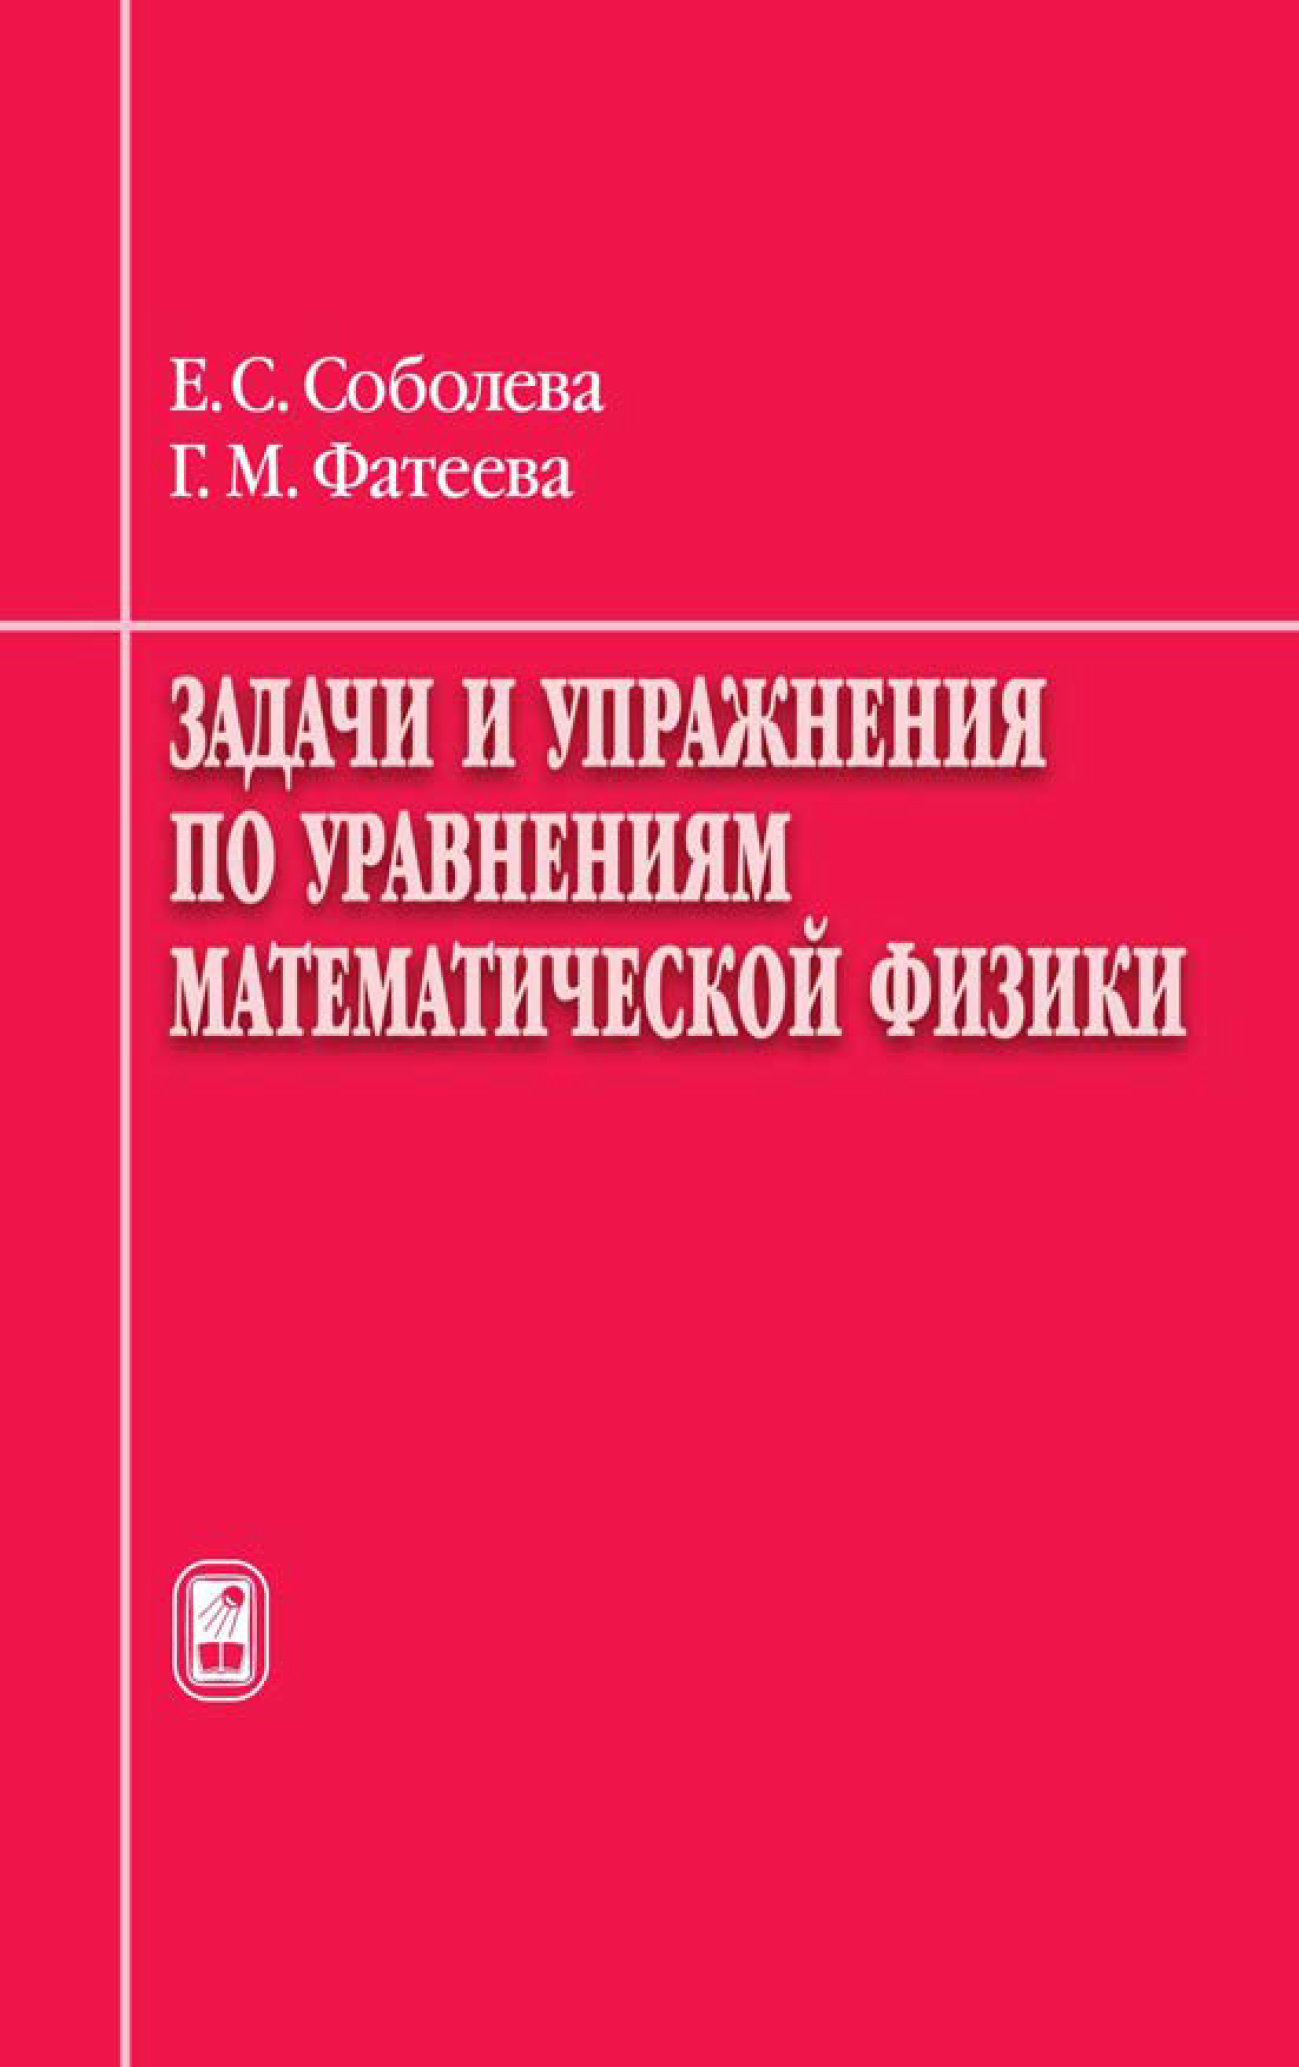 Евгения Соболева Задачи и упражнения по уравнениям математической физики